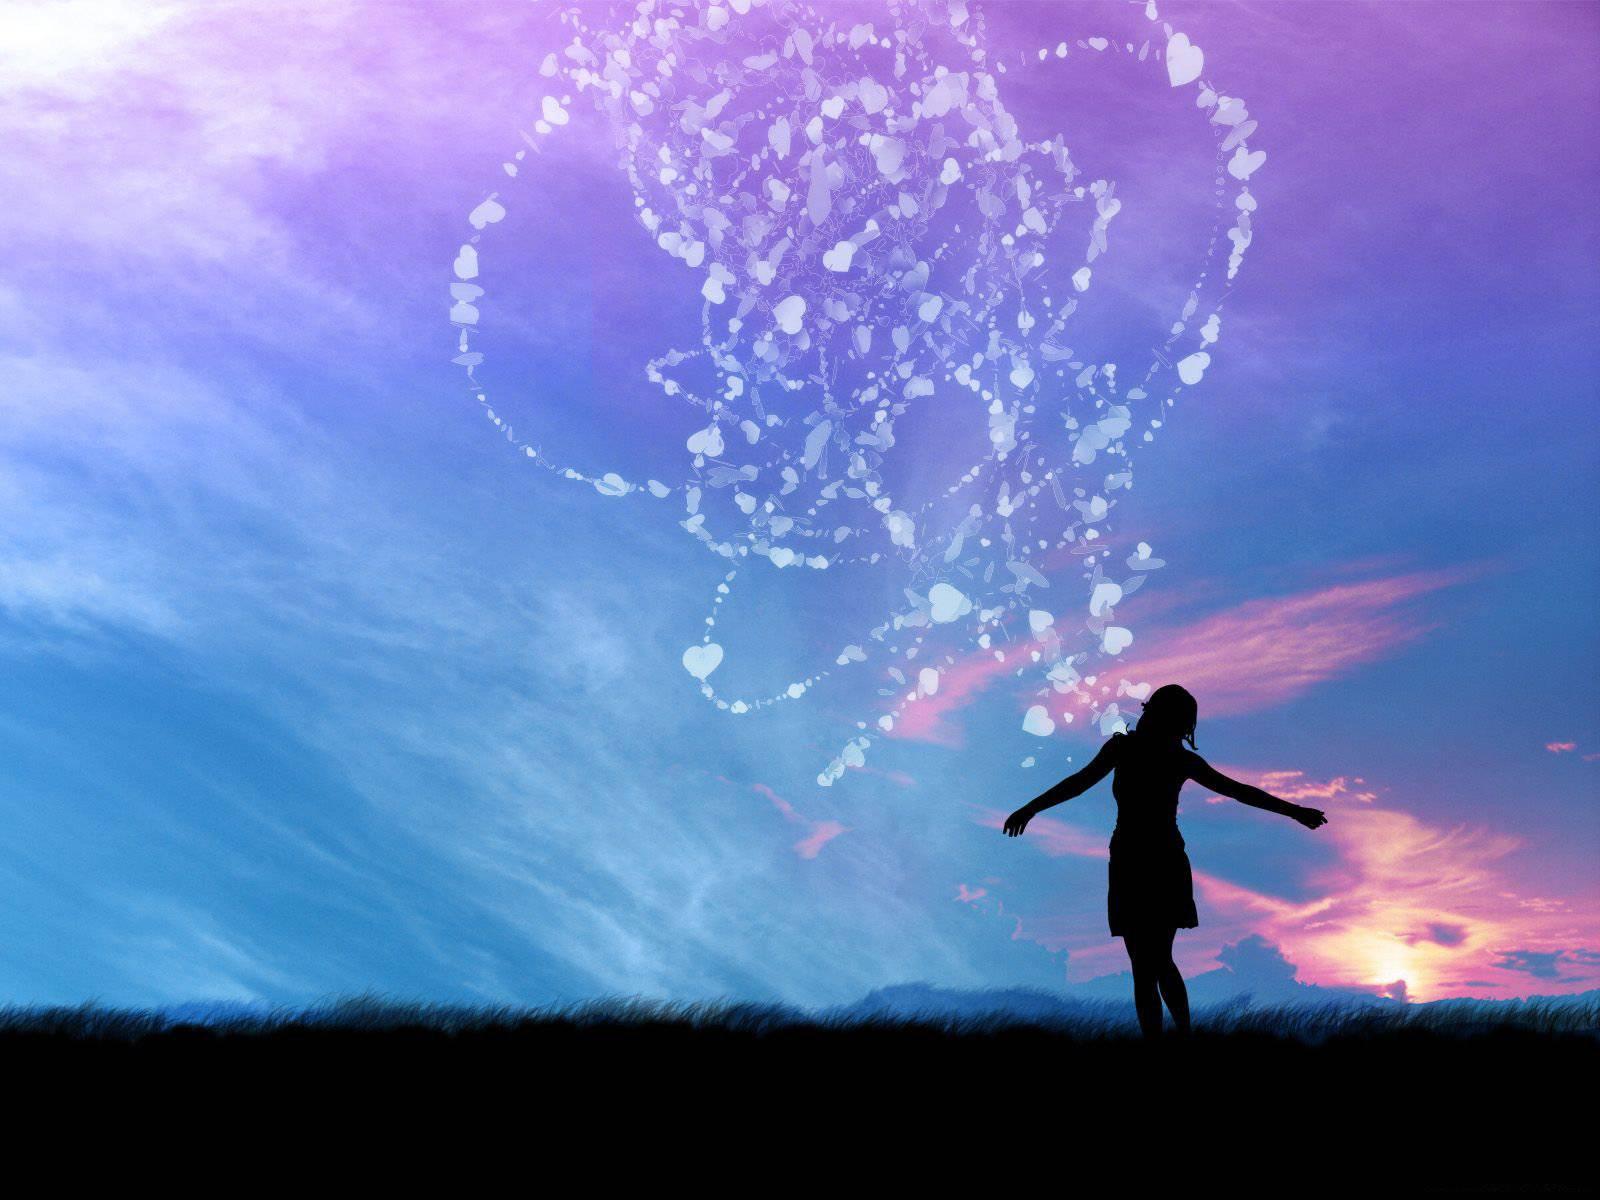 Чек изобилия вселенной, или, как загадать желание на новолуние чтобы оно обязательно исполнилось